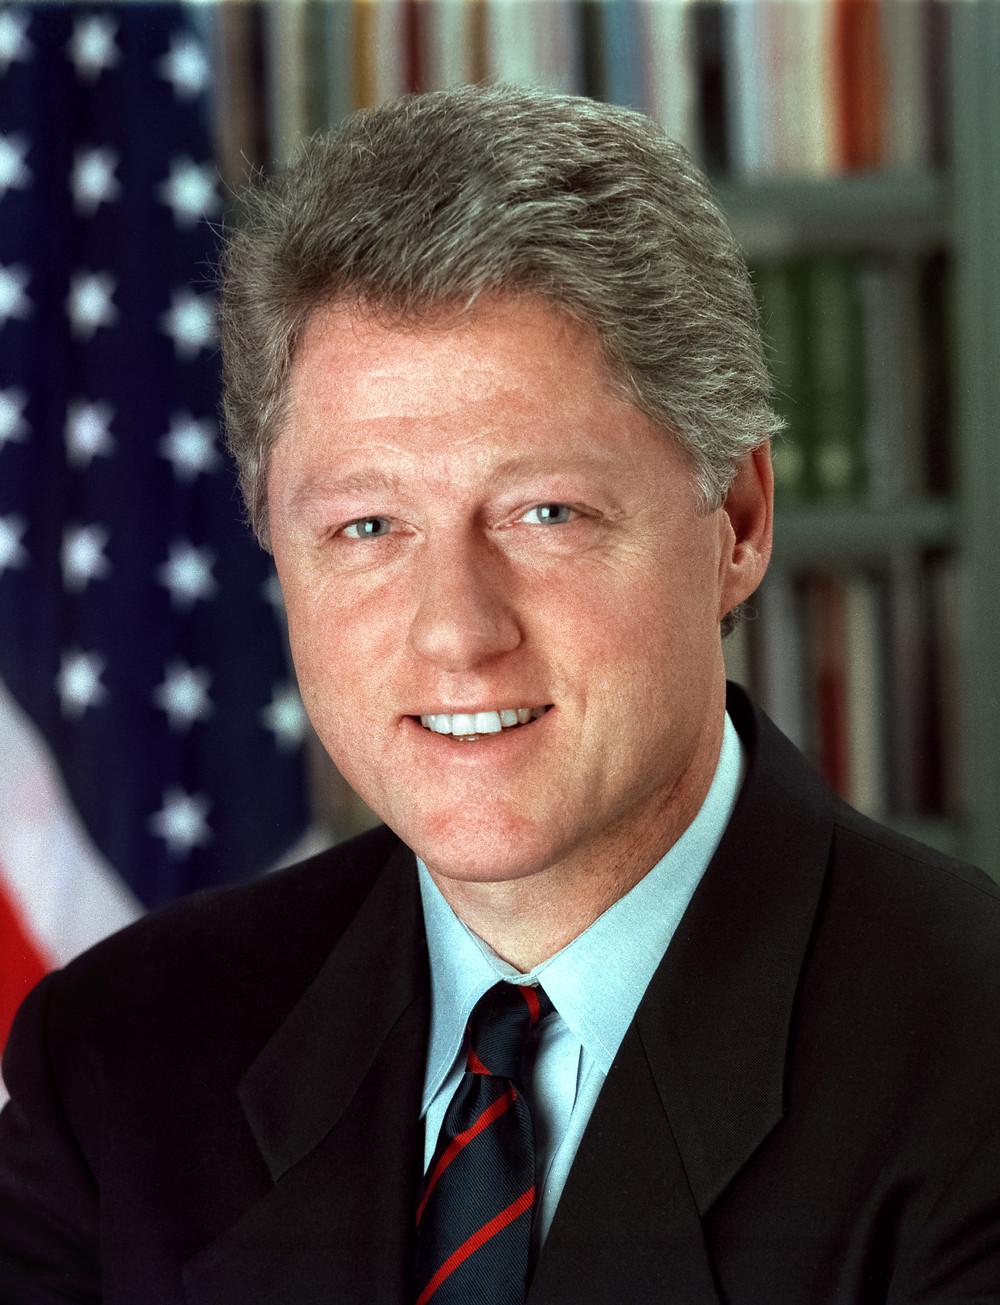 比爾·柯林頓(William Jefferson Clinton)第42任美國總統